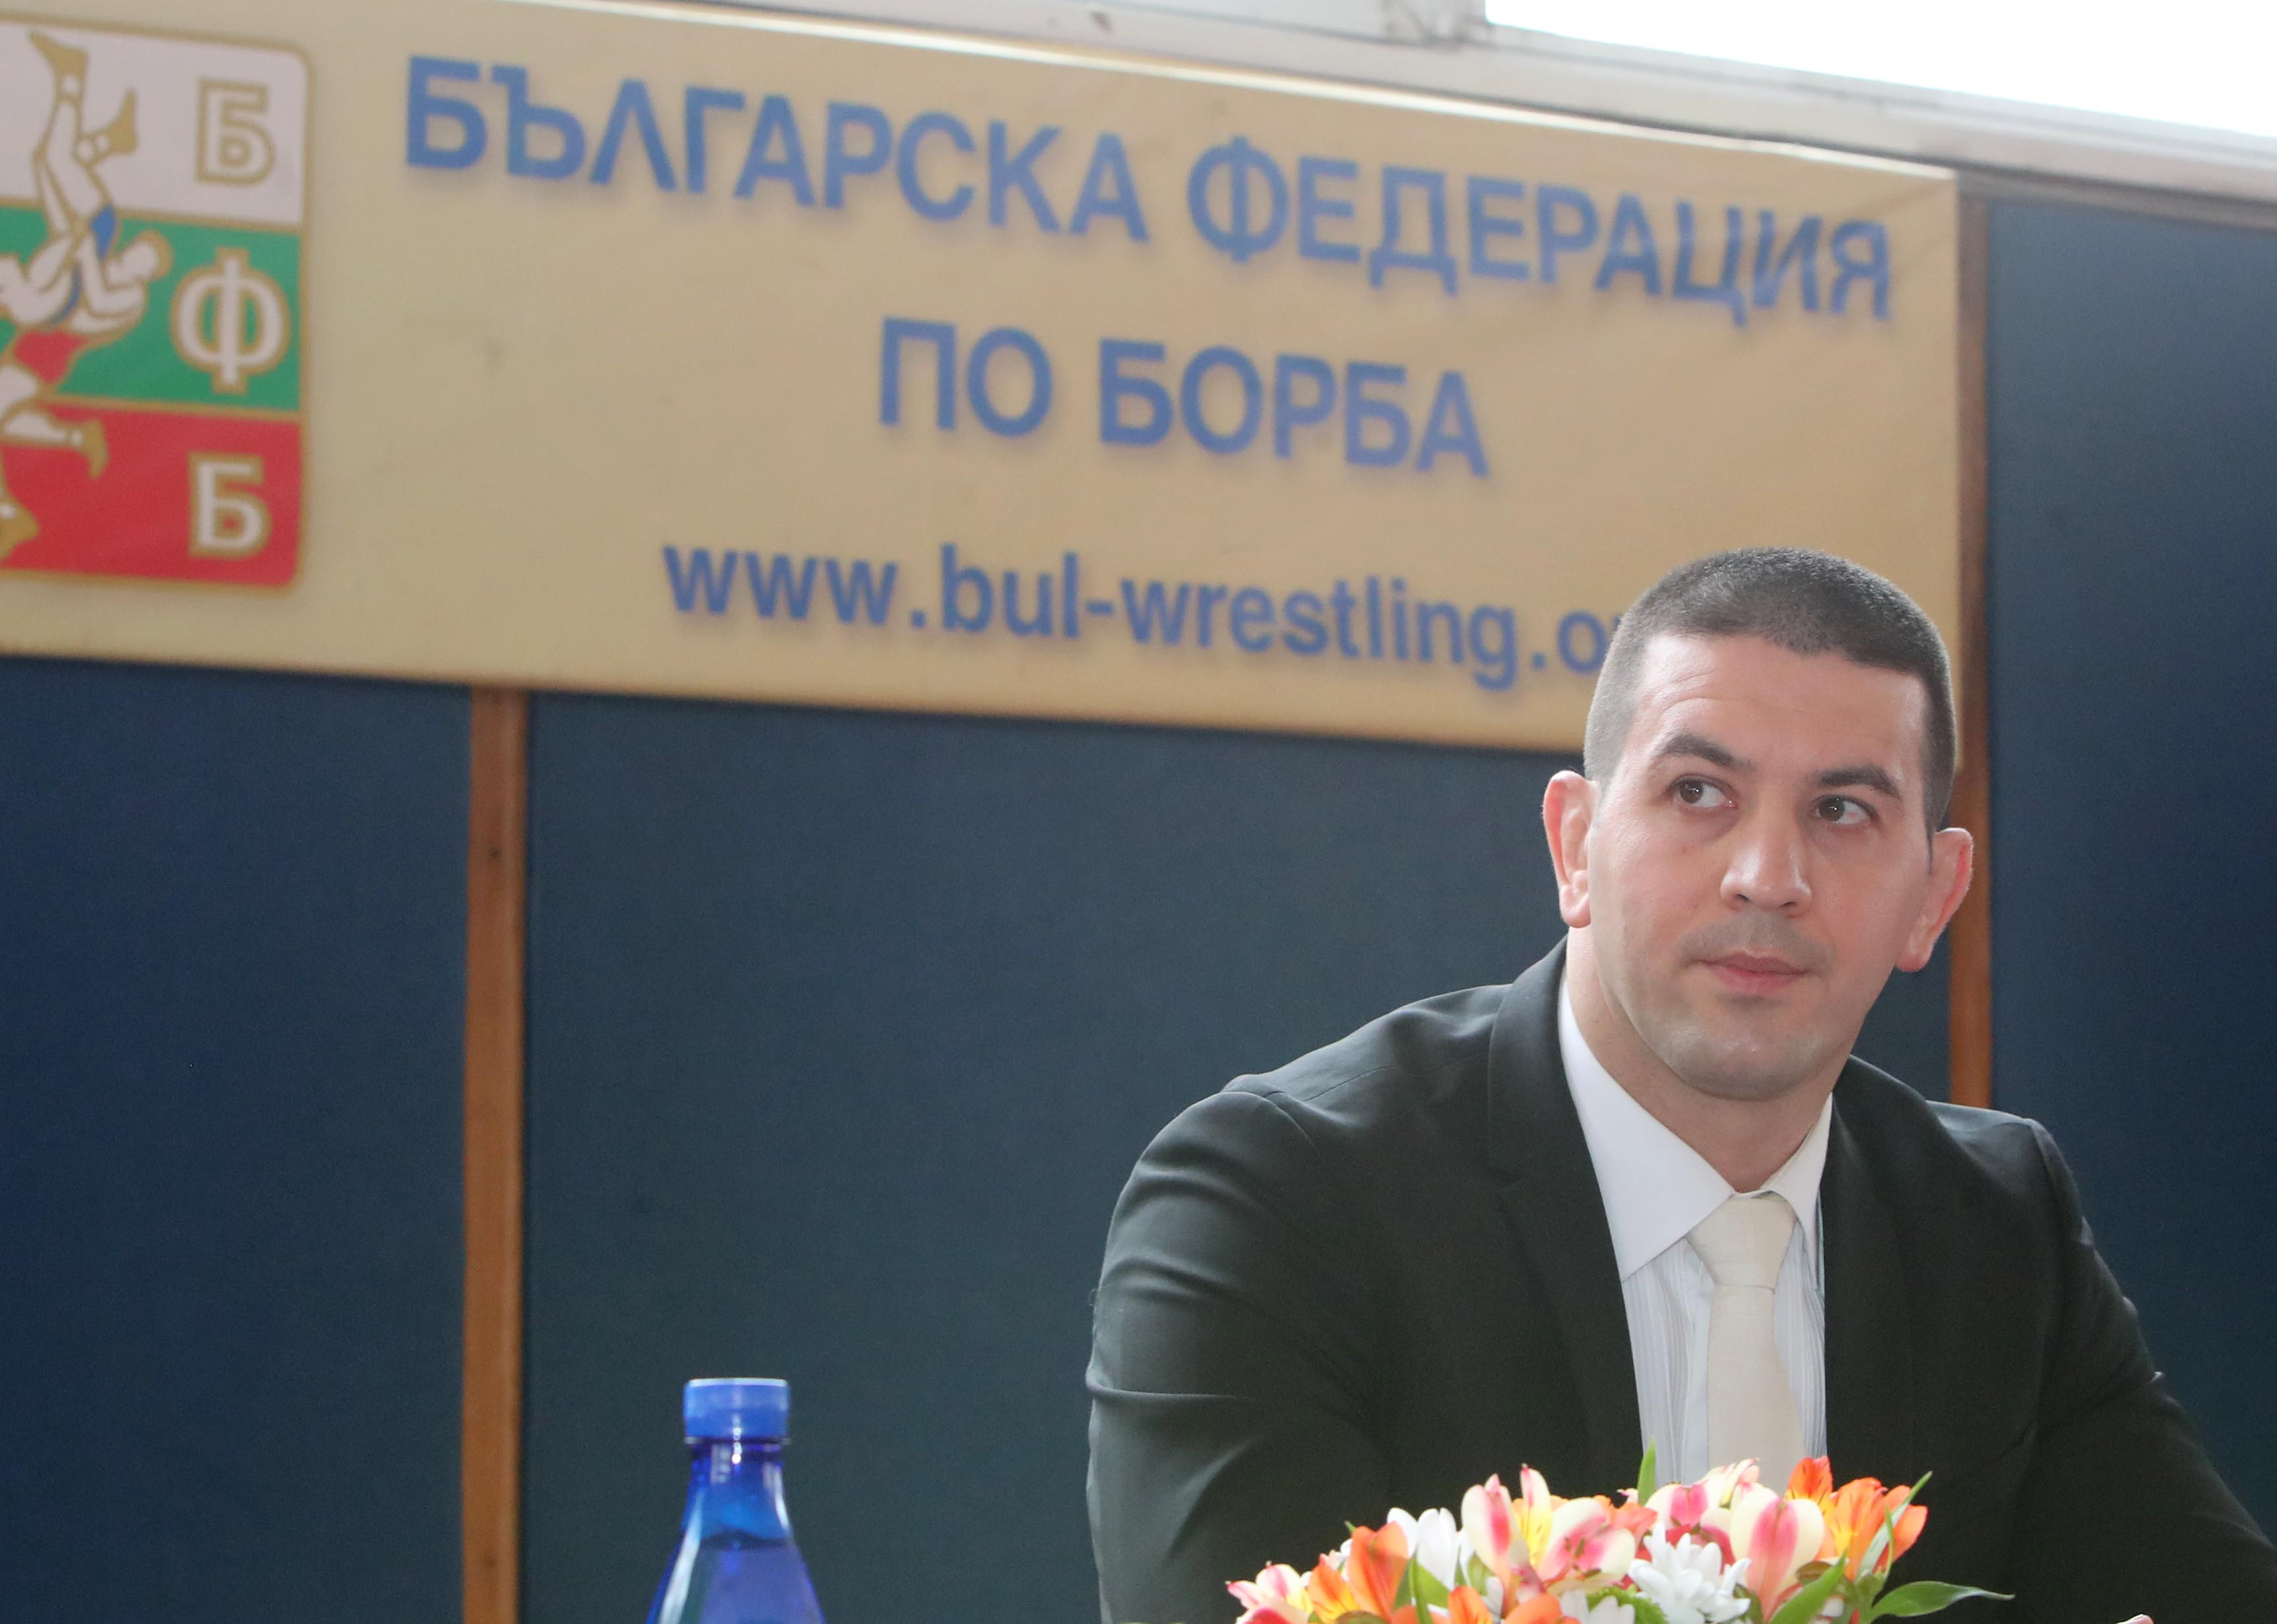 Христо Маринов остава президент на федерацията по борба